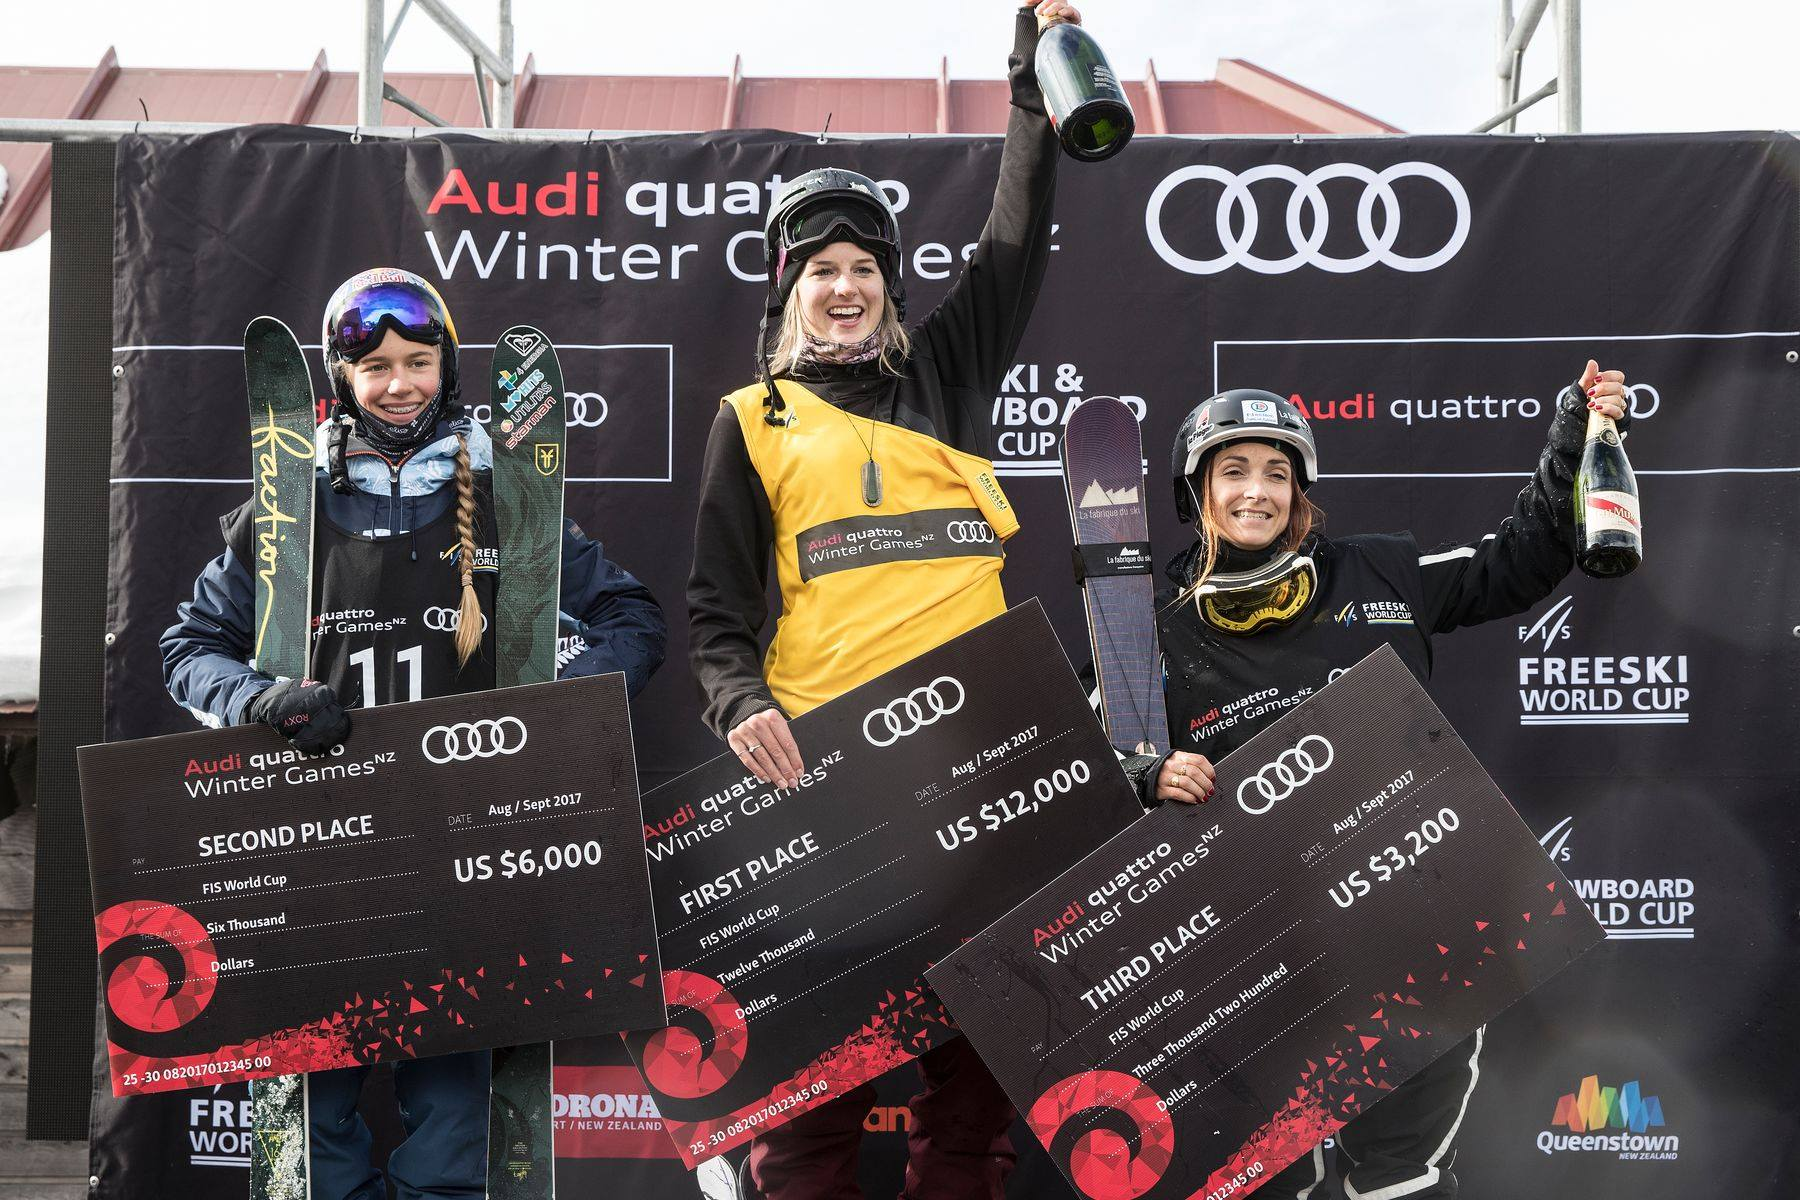 Die Top 3 Männer beim ersten FIS Halfpipe Contest der Saison 17/18: Kelly Sildaru (EST), Cassie Sharpe (CAN), Marie Martinod (FRA) (v.l.n.r.) - Foto: FIS Freestyle / Neil Kerr / Winter Games NZ